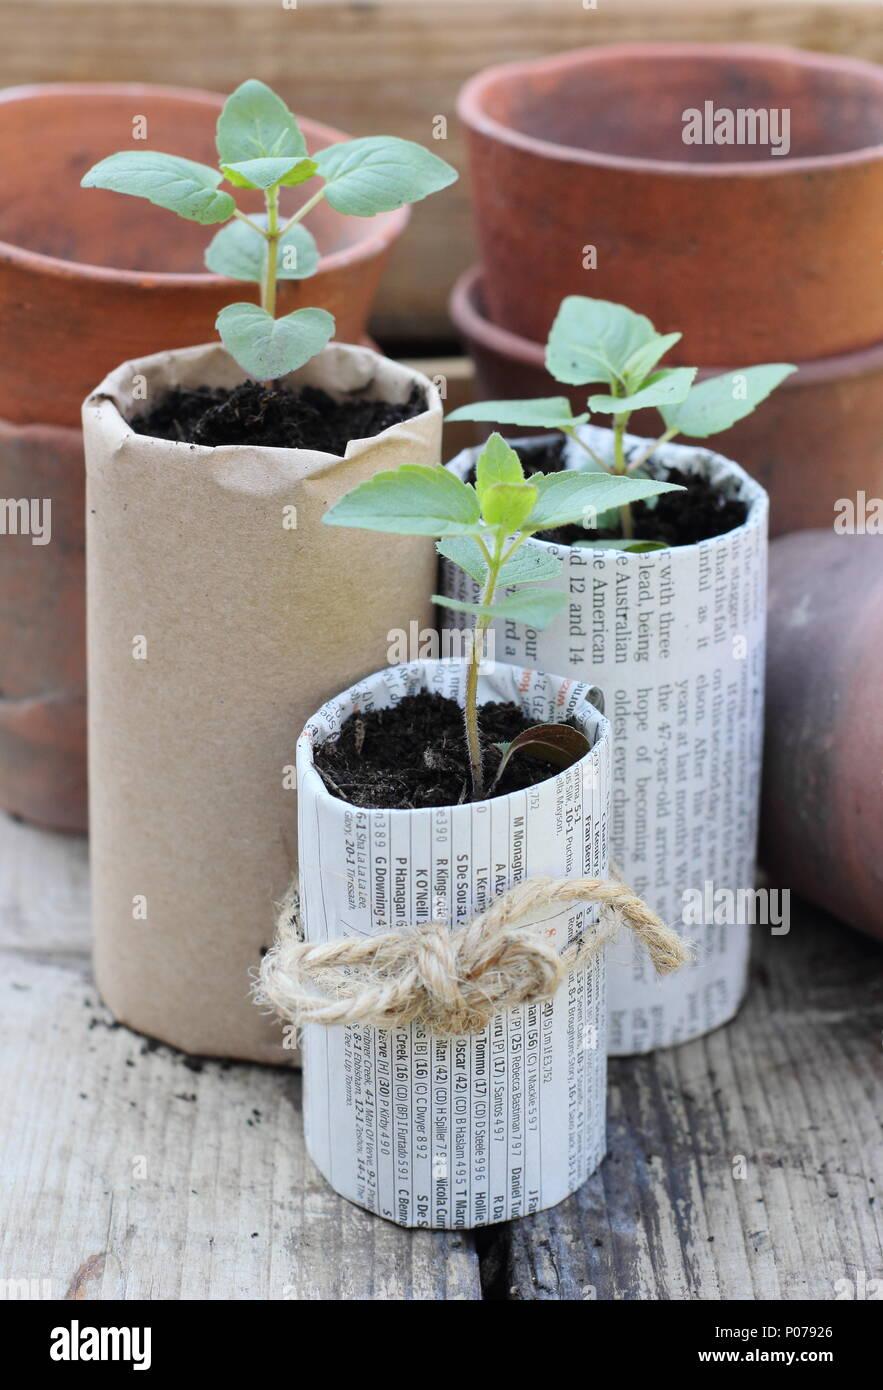 Jardinería libre de plástico. Antiguas ollas de arcilla, madera y bandejas de semillas de papel casero ollas de plantas utilizadas para reducir el uso de plástico en el jardín, Inglaterra, Reino Unido Foto de stock